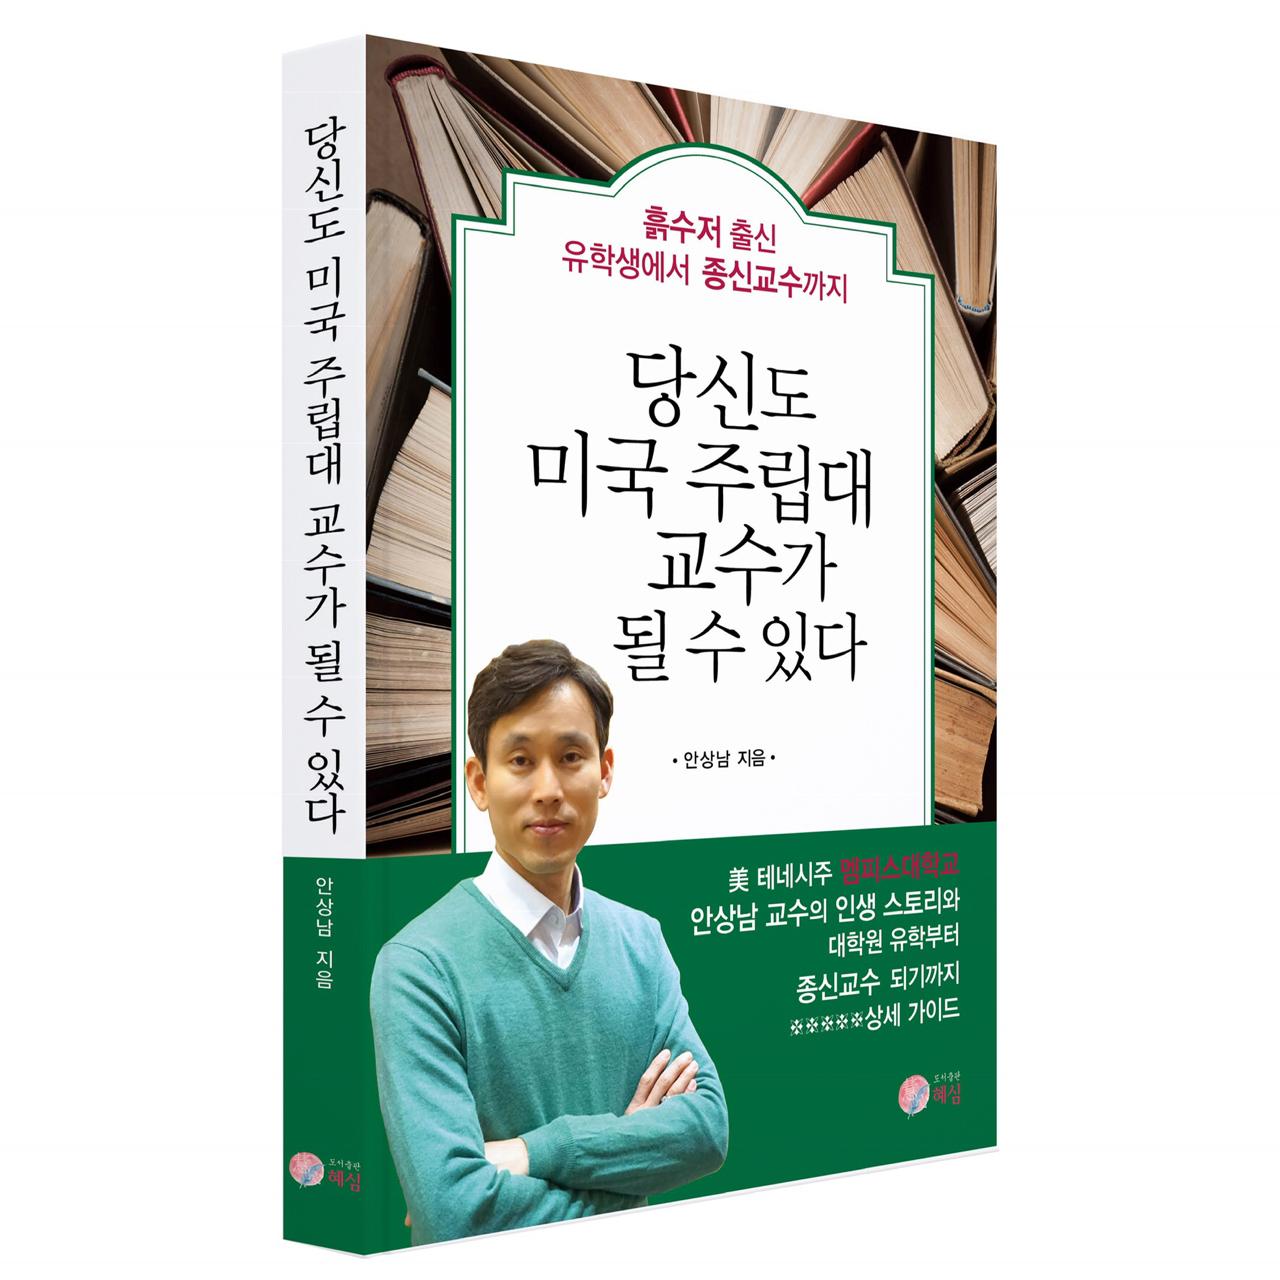 광교(임시) 주민인데 책을 한 권 냈습니다.